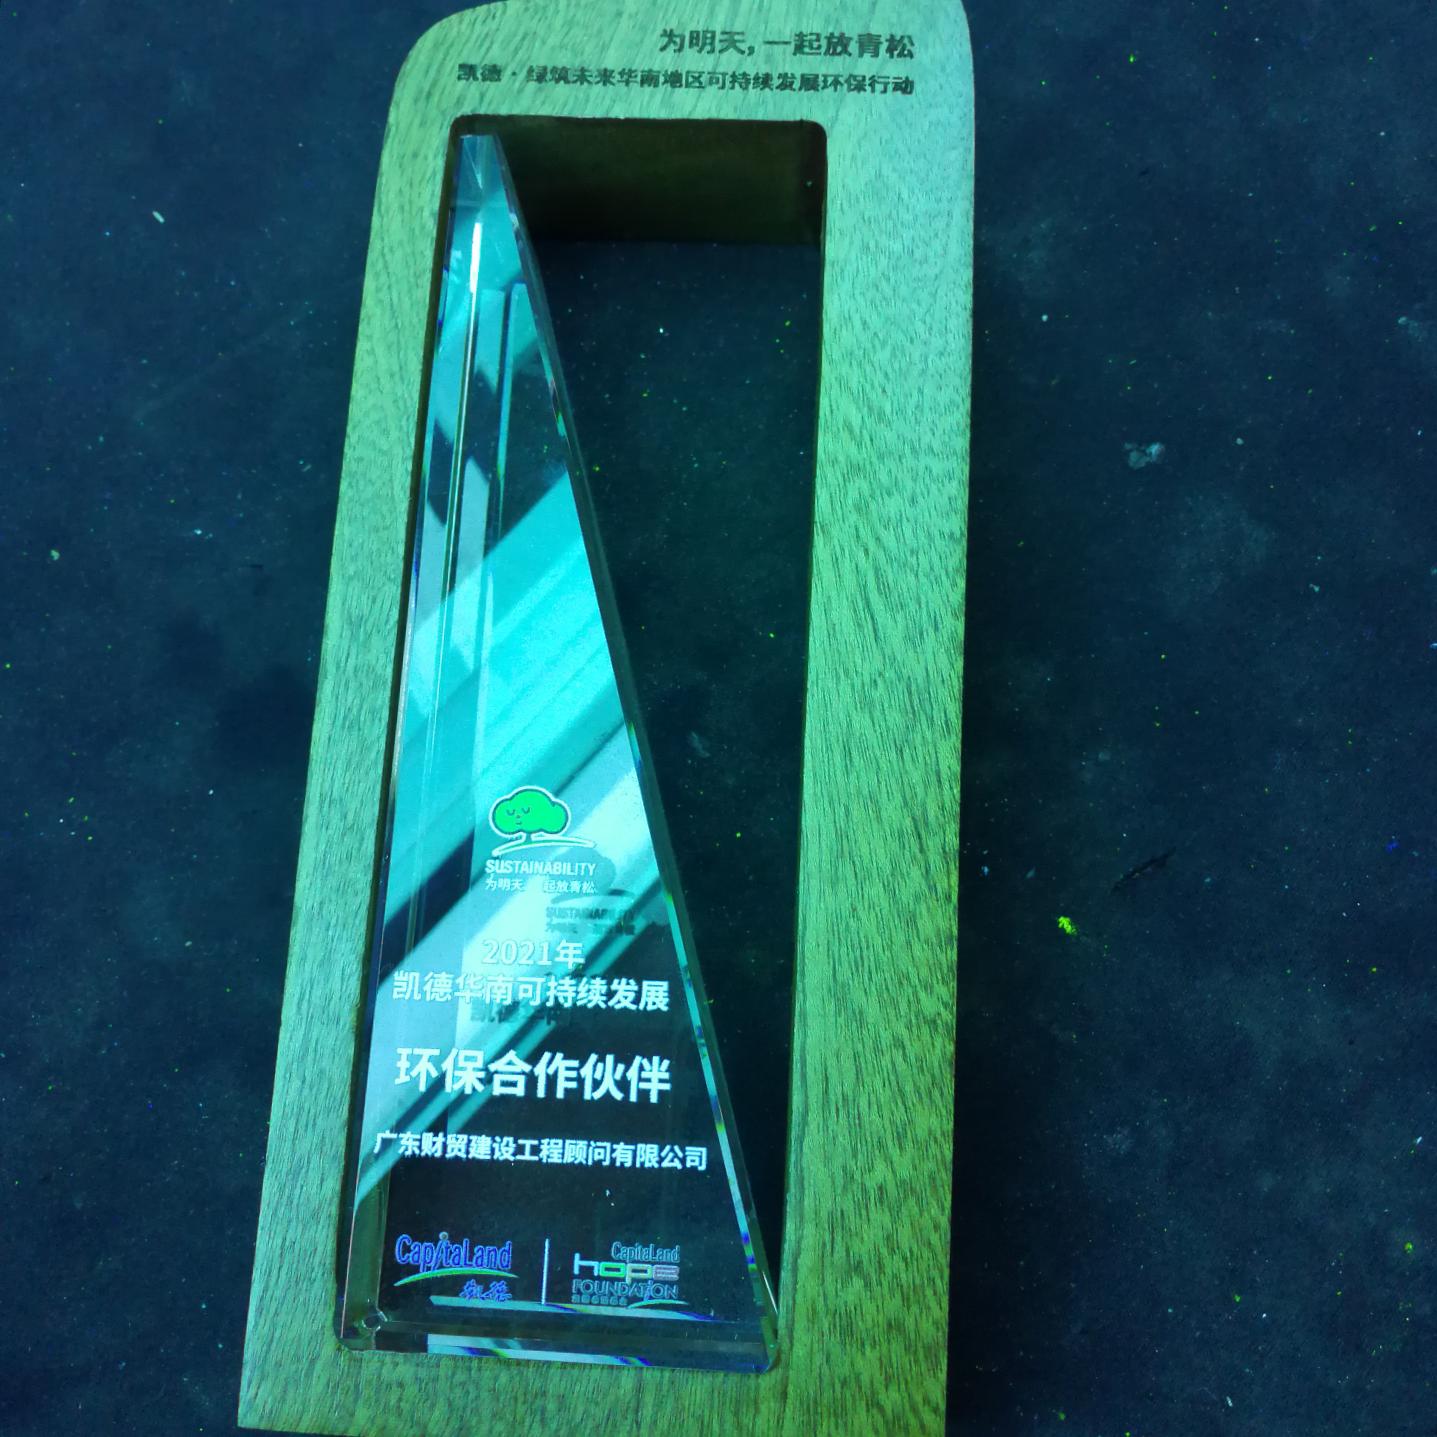 木制水晶奖牌